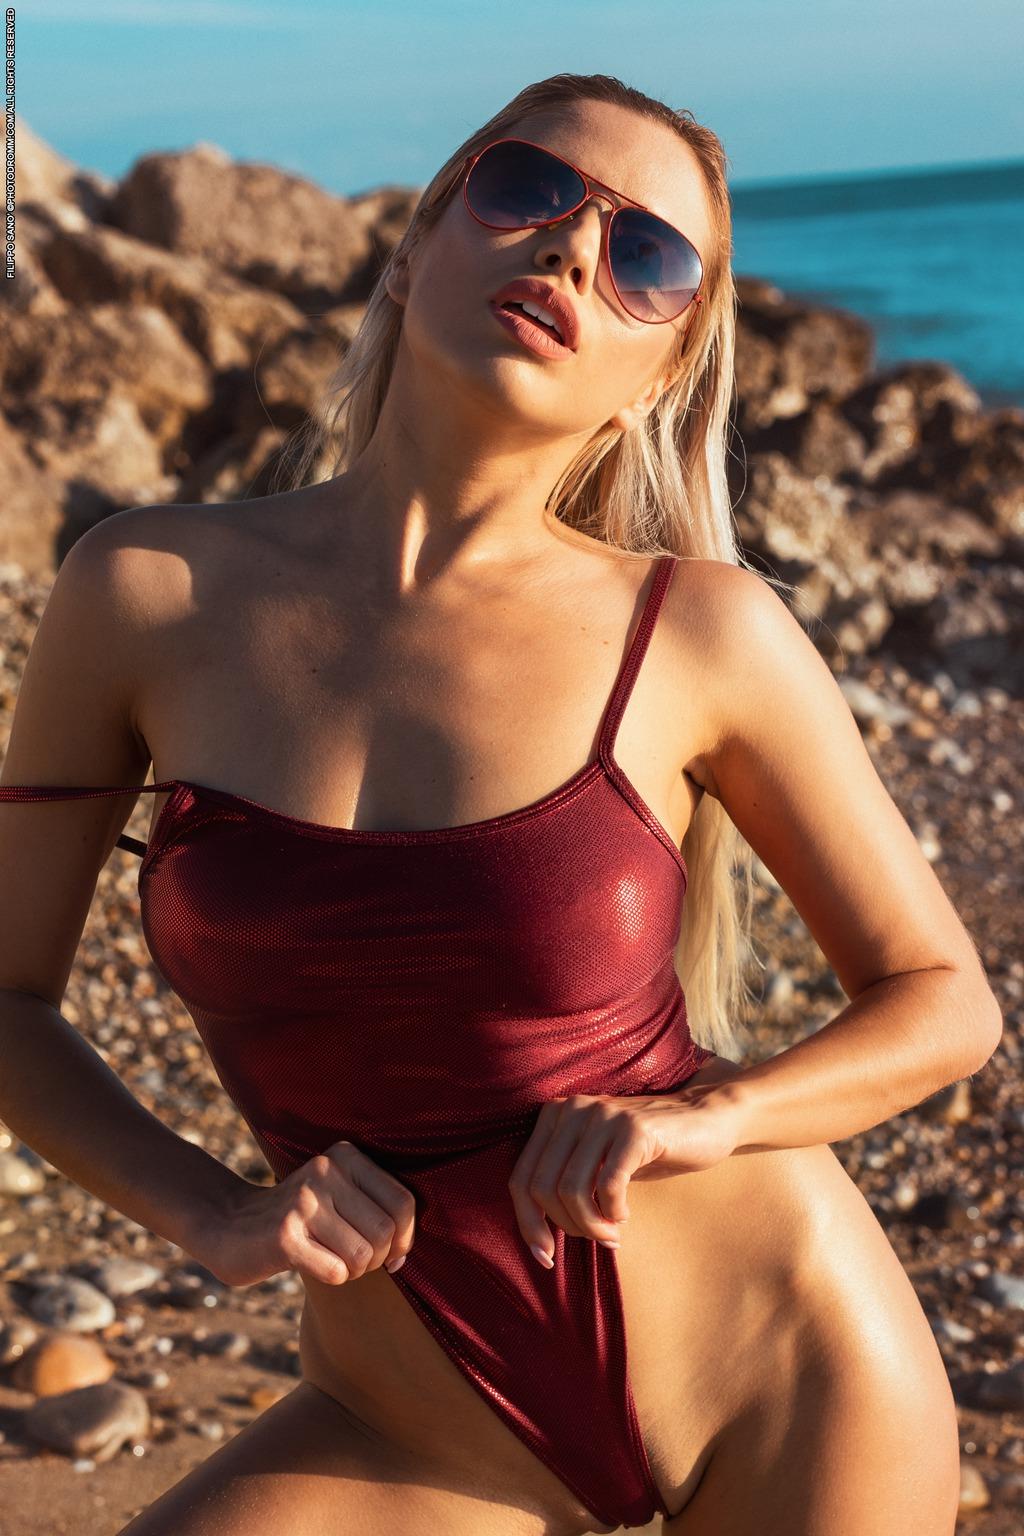 PHOTO | Margot 00 - Margot In Splash